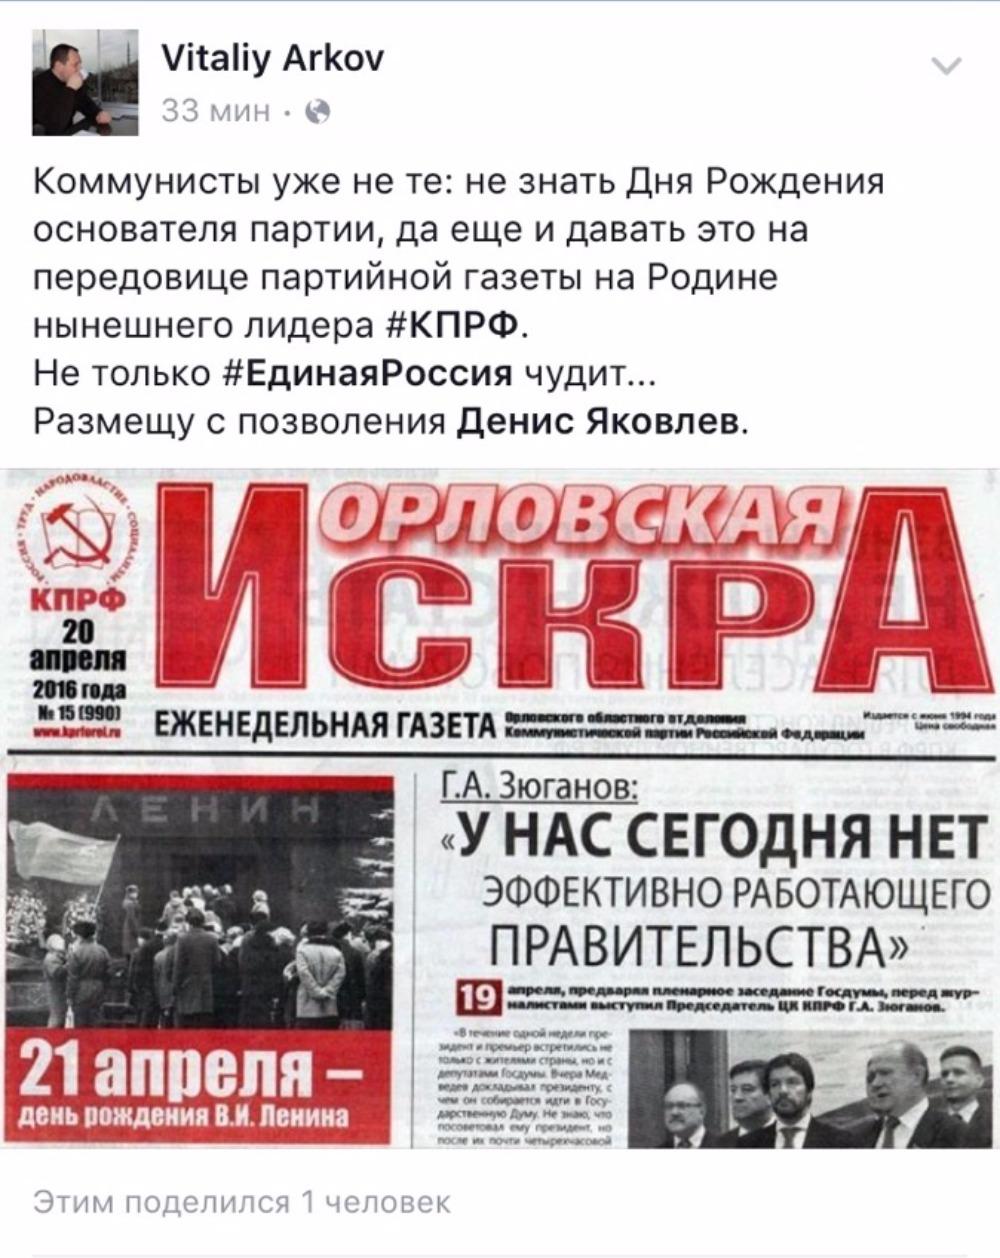 орловская искра-ф